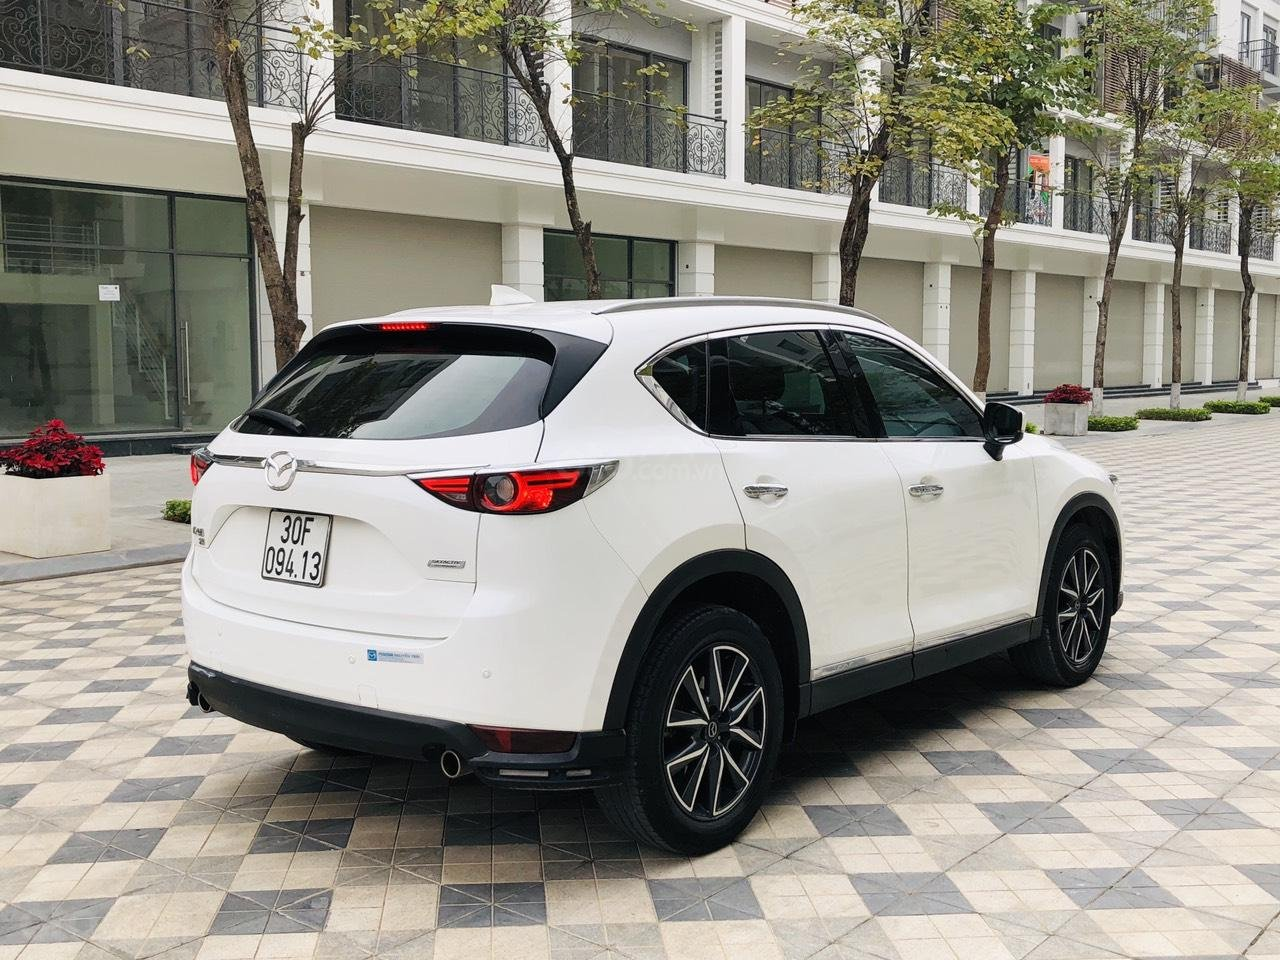 [Hot] bán nhanh Mazda CX5 2.5 đời 2018 màu trắng, xe 1 chủ từ đầu biển HN, xe đẹp không 1 lỗi nhỏ (6)